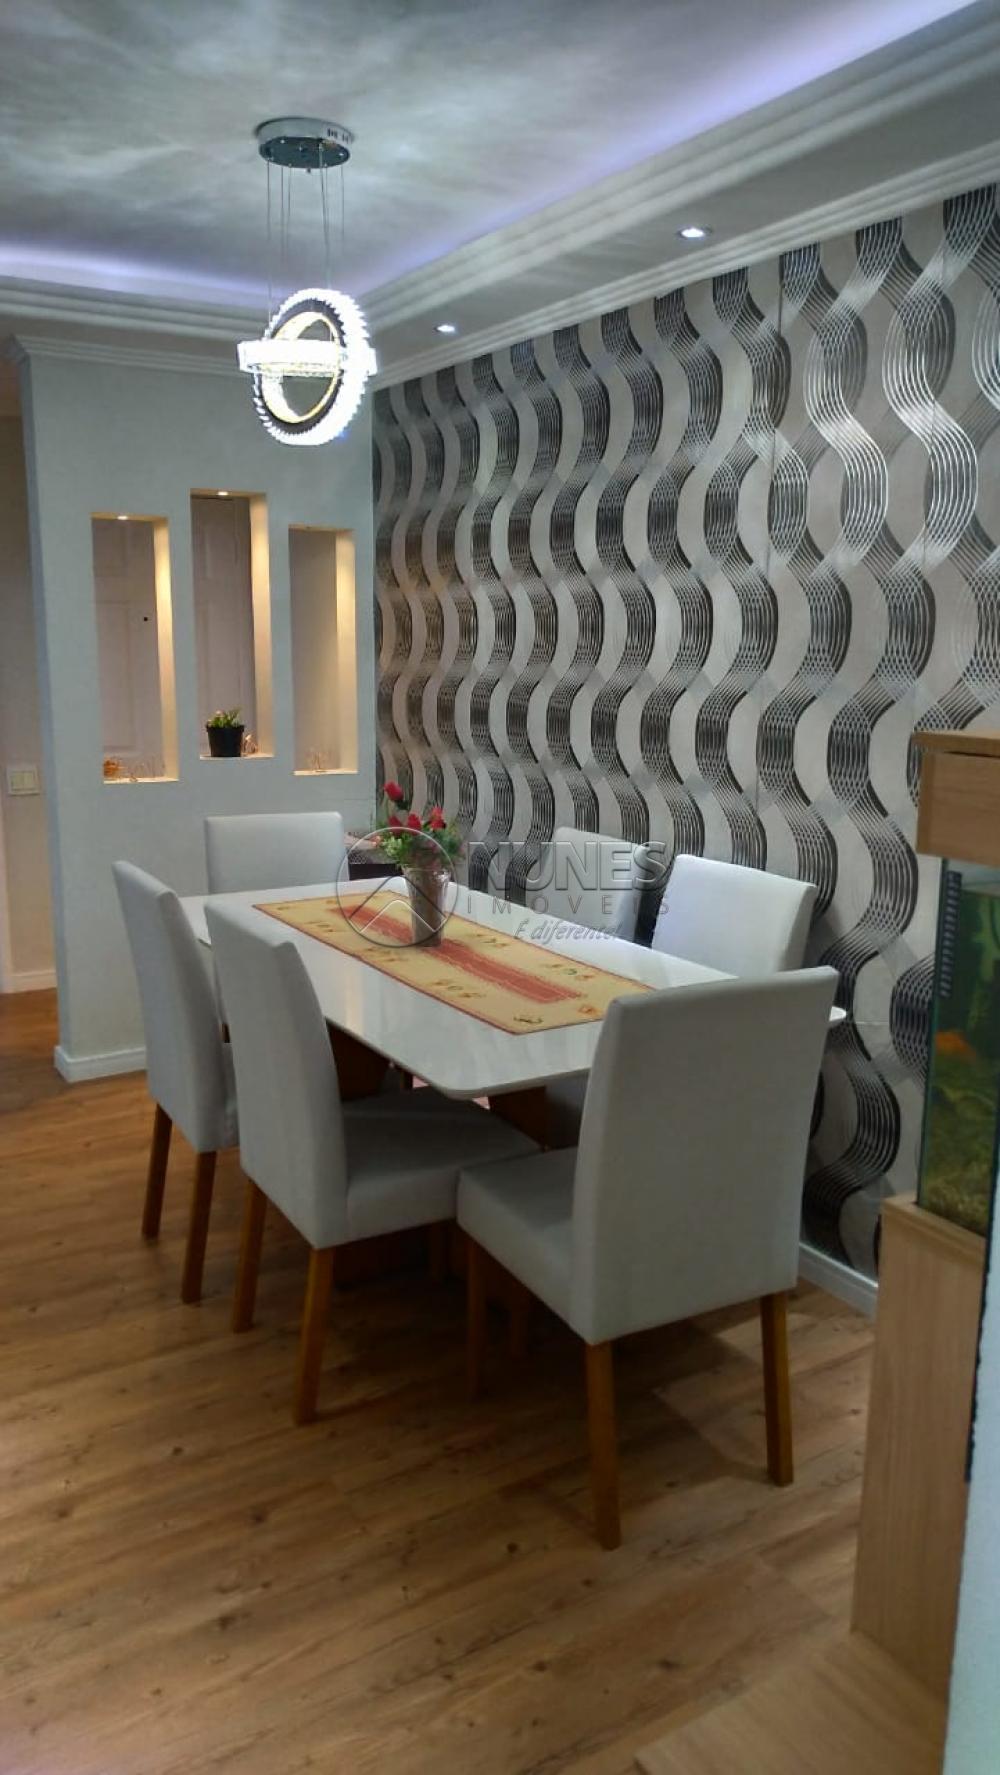 Comprar Apartamento / Padrão em Osasco apenas R$ 375.000,00 - Foto 9